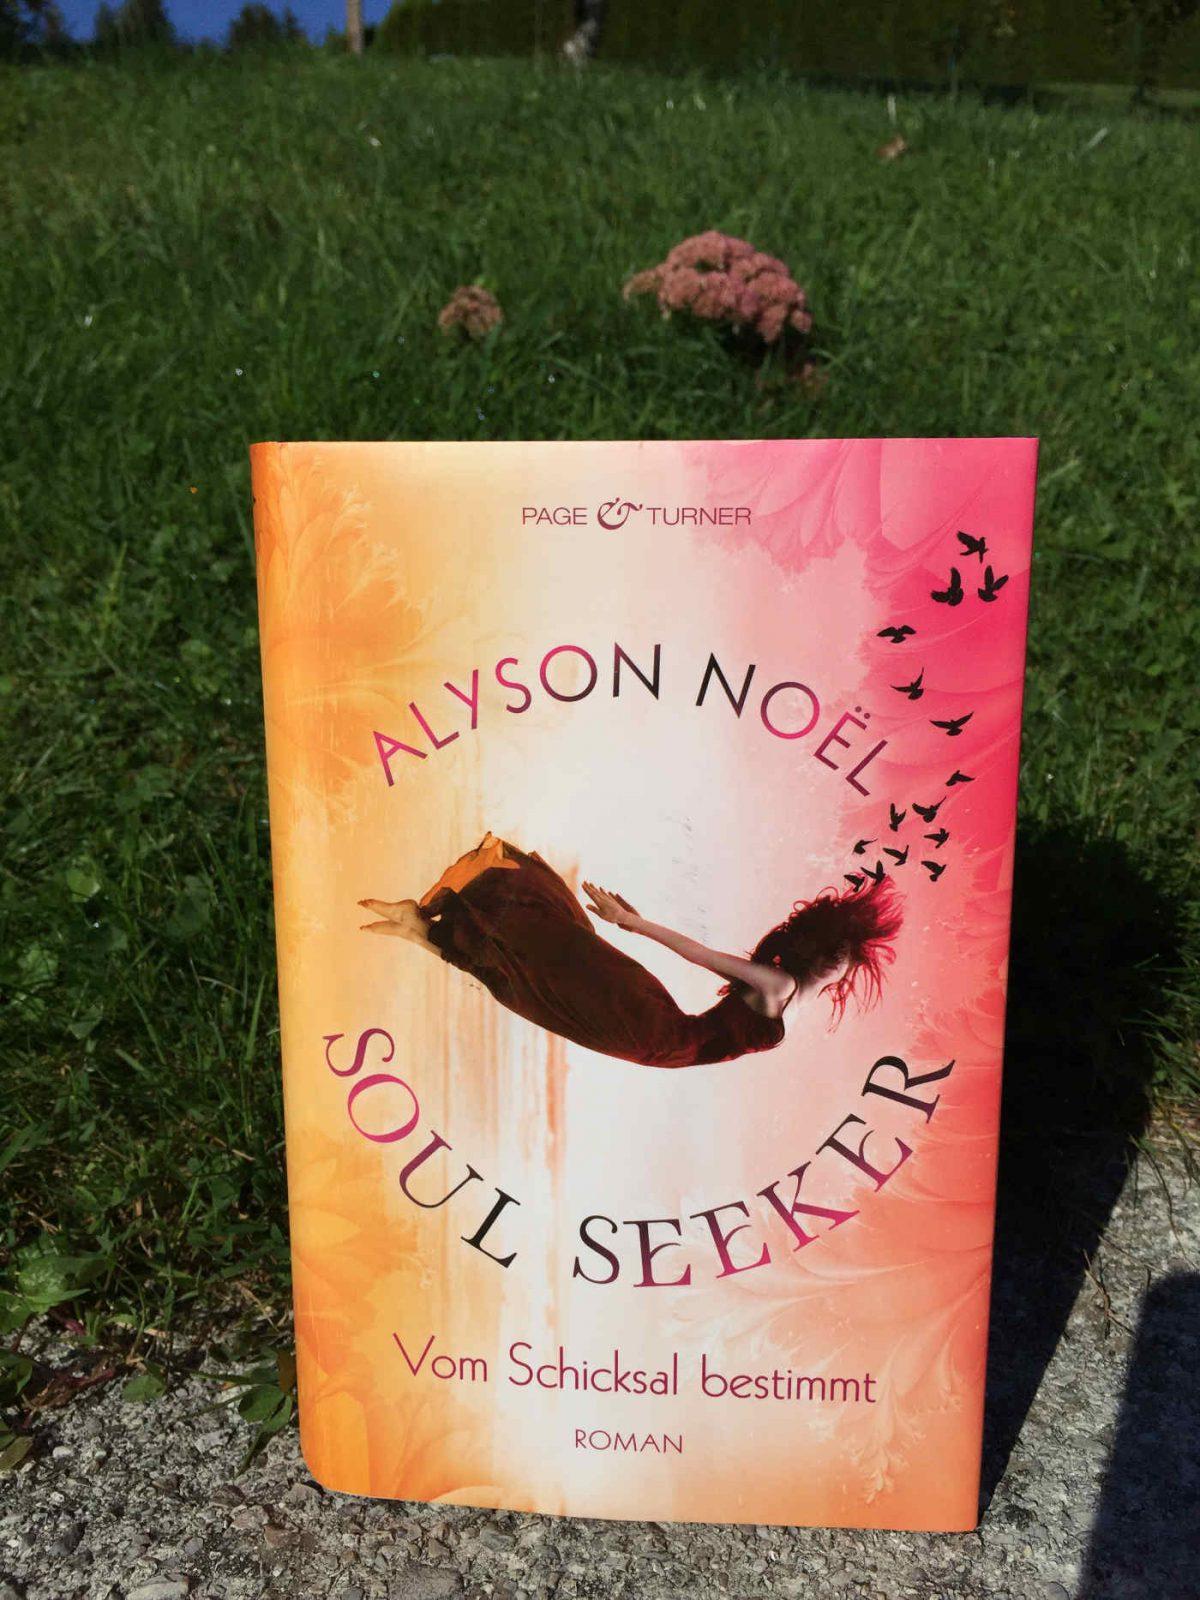 Alyson Noel: Soul Seeker: Vom Schicksal bestimmt